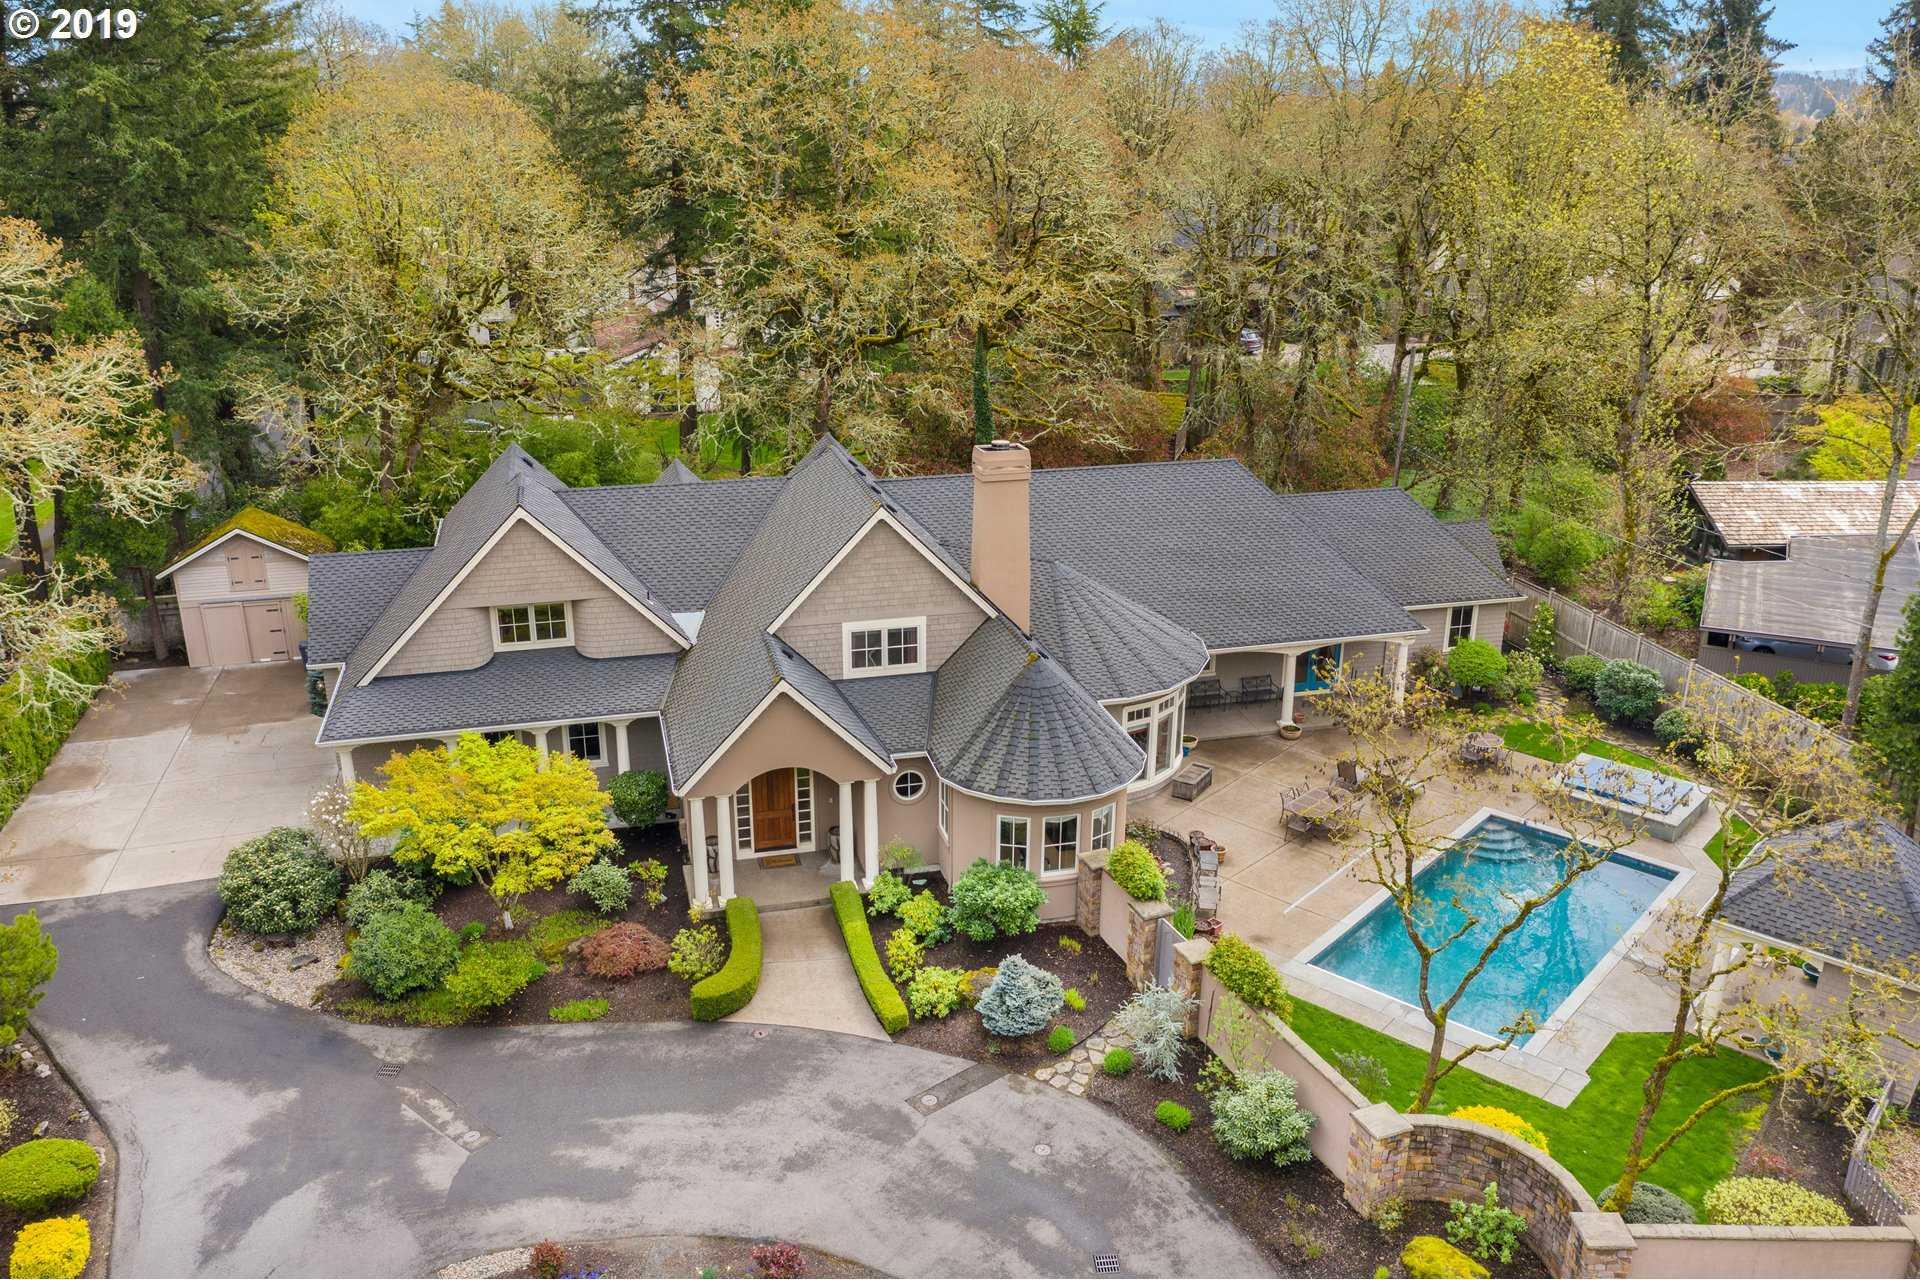 $1,995,000 - 4Br/4Ba -  for Sale in Dunthorpe Riverdale, Portland